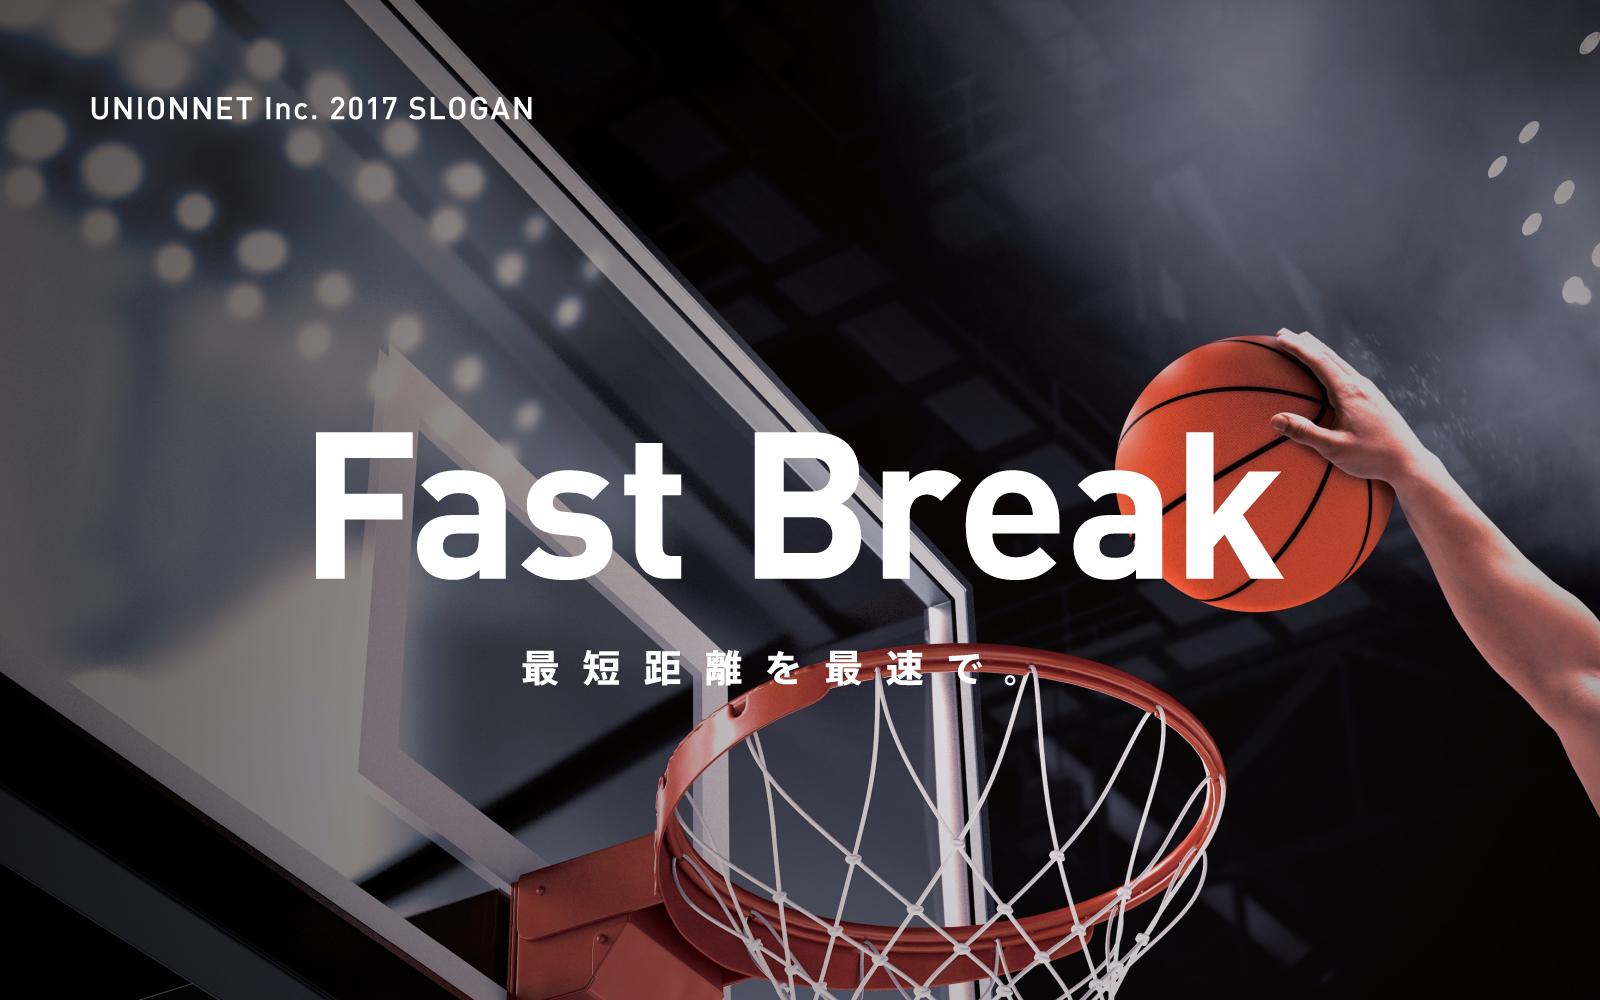 ユニオンネット2017年スローガン「Fast Break」